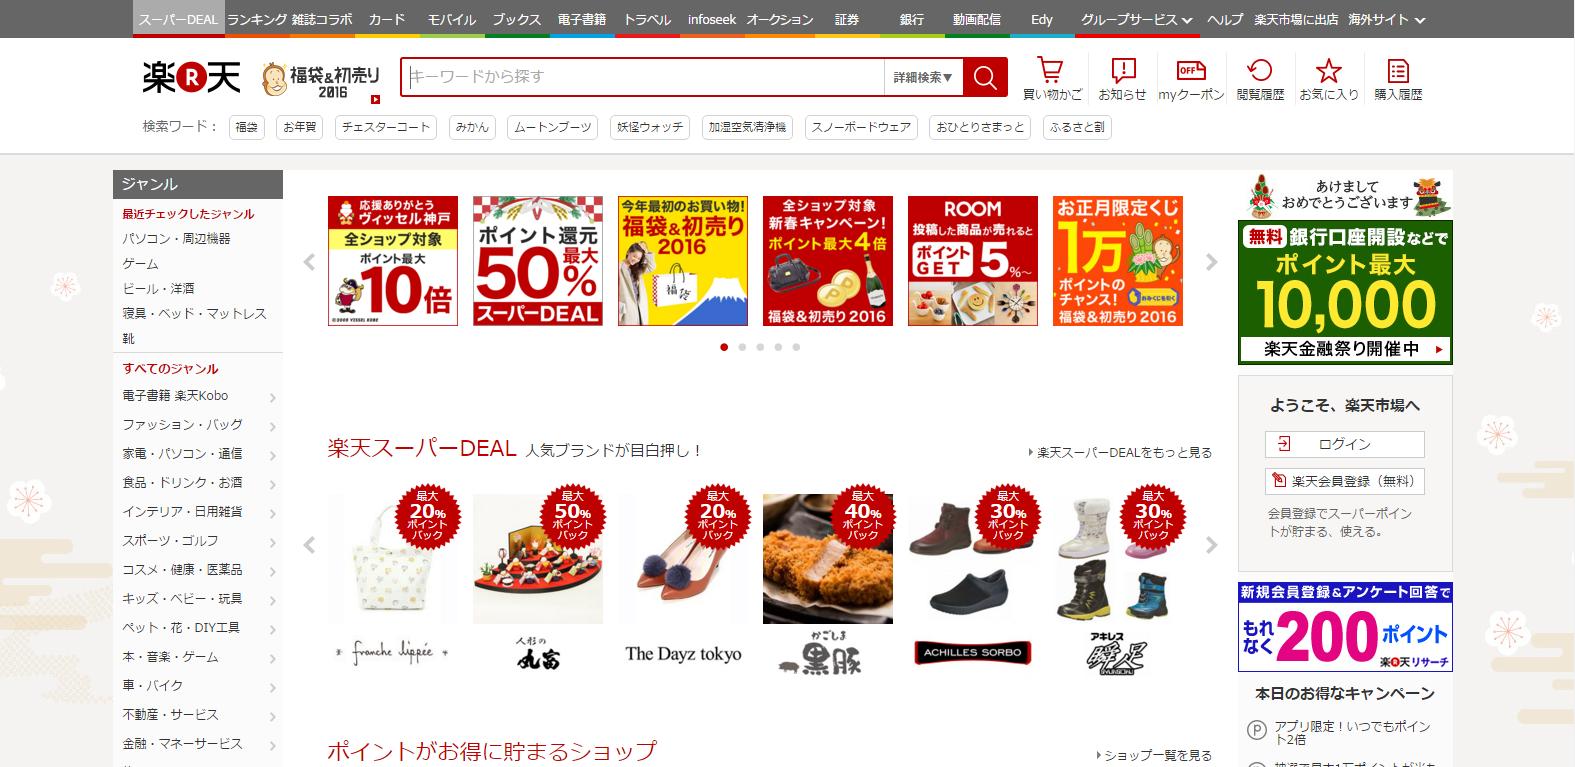 楽天トップページ(http://www.rakuten.co.jp/)より